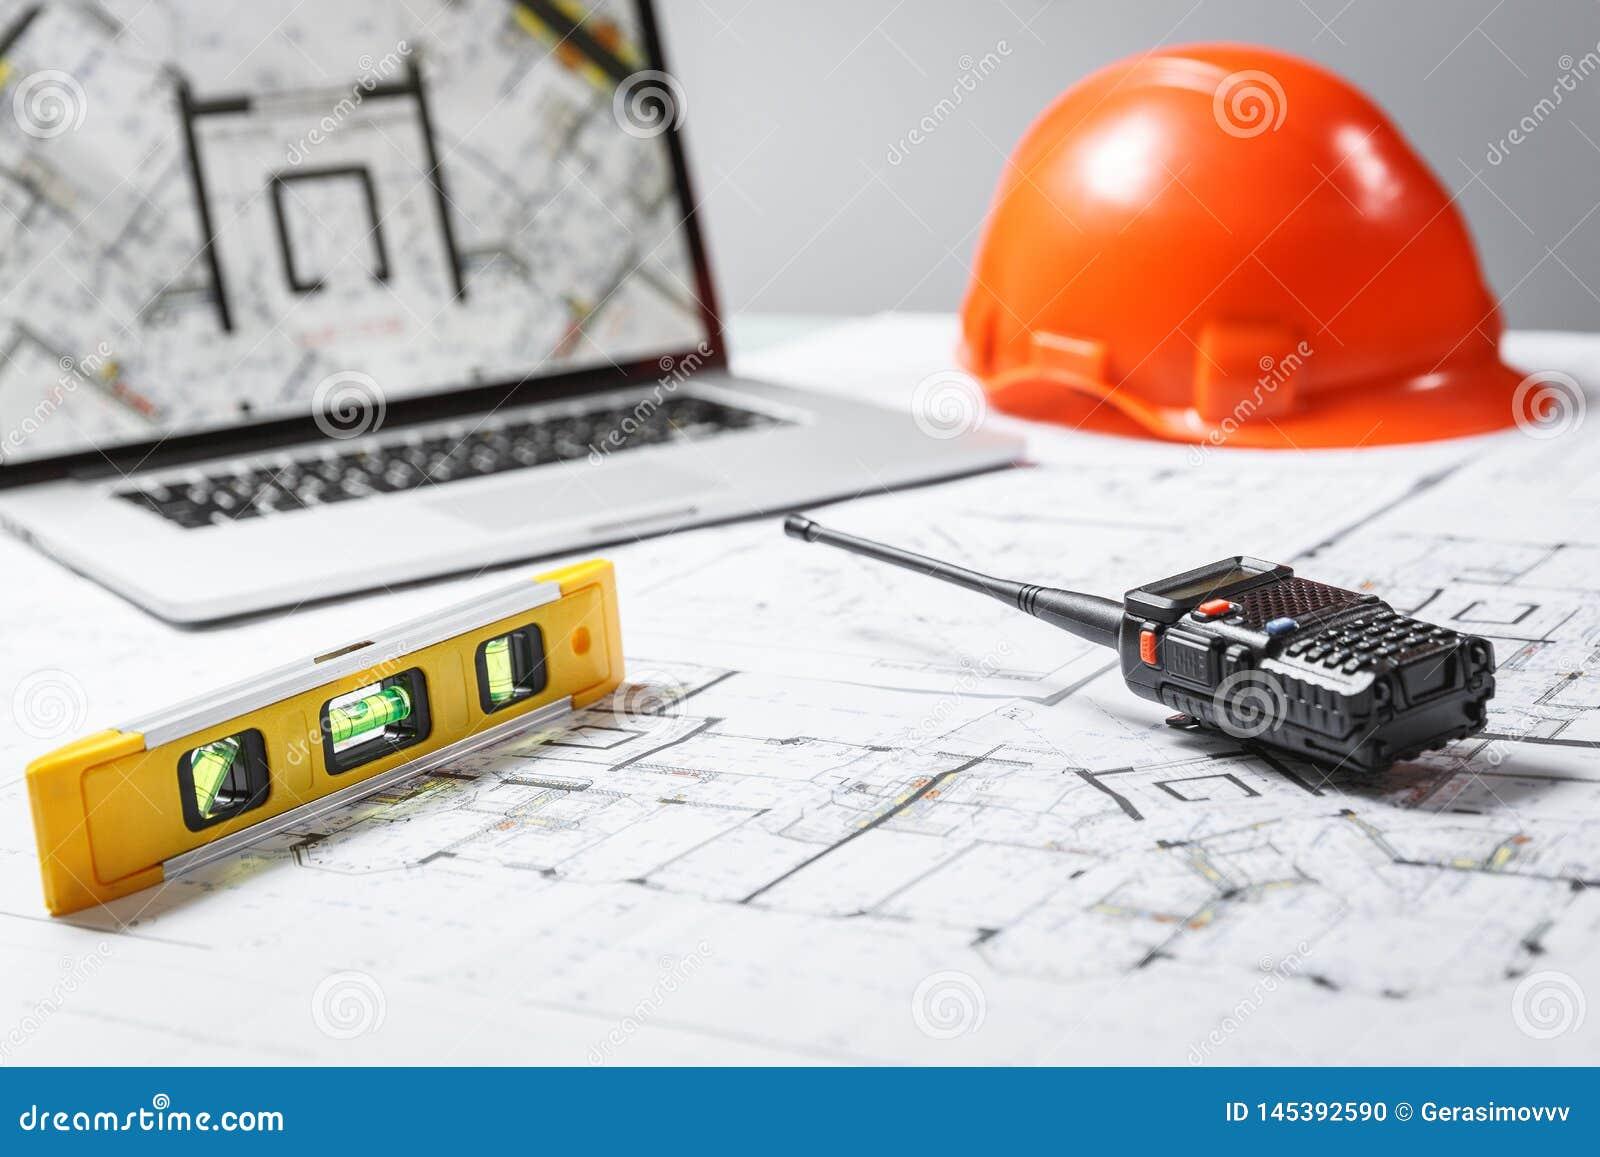 Orange Schutzhelm, Laptop mit Zeichnungen, waagerecht ausgerichtetes Meter und Funksprechgerät mit Plänen auf einer Tabelle